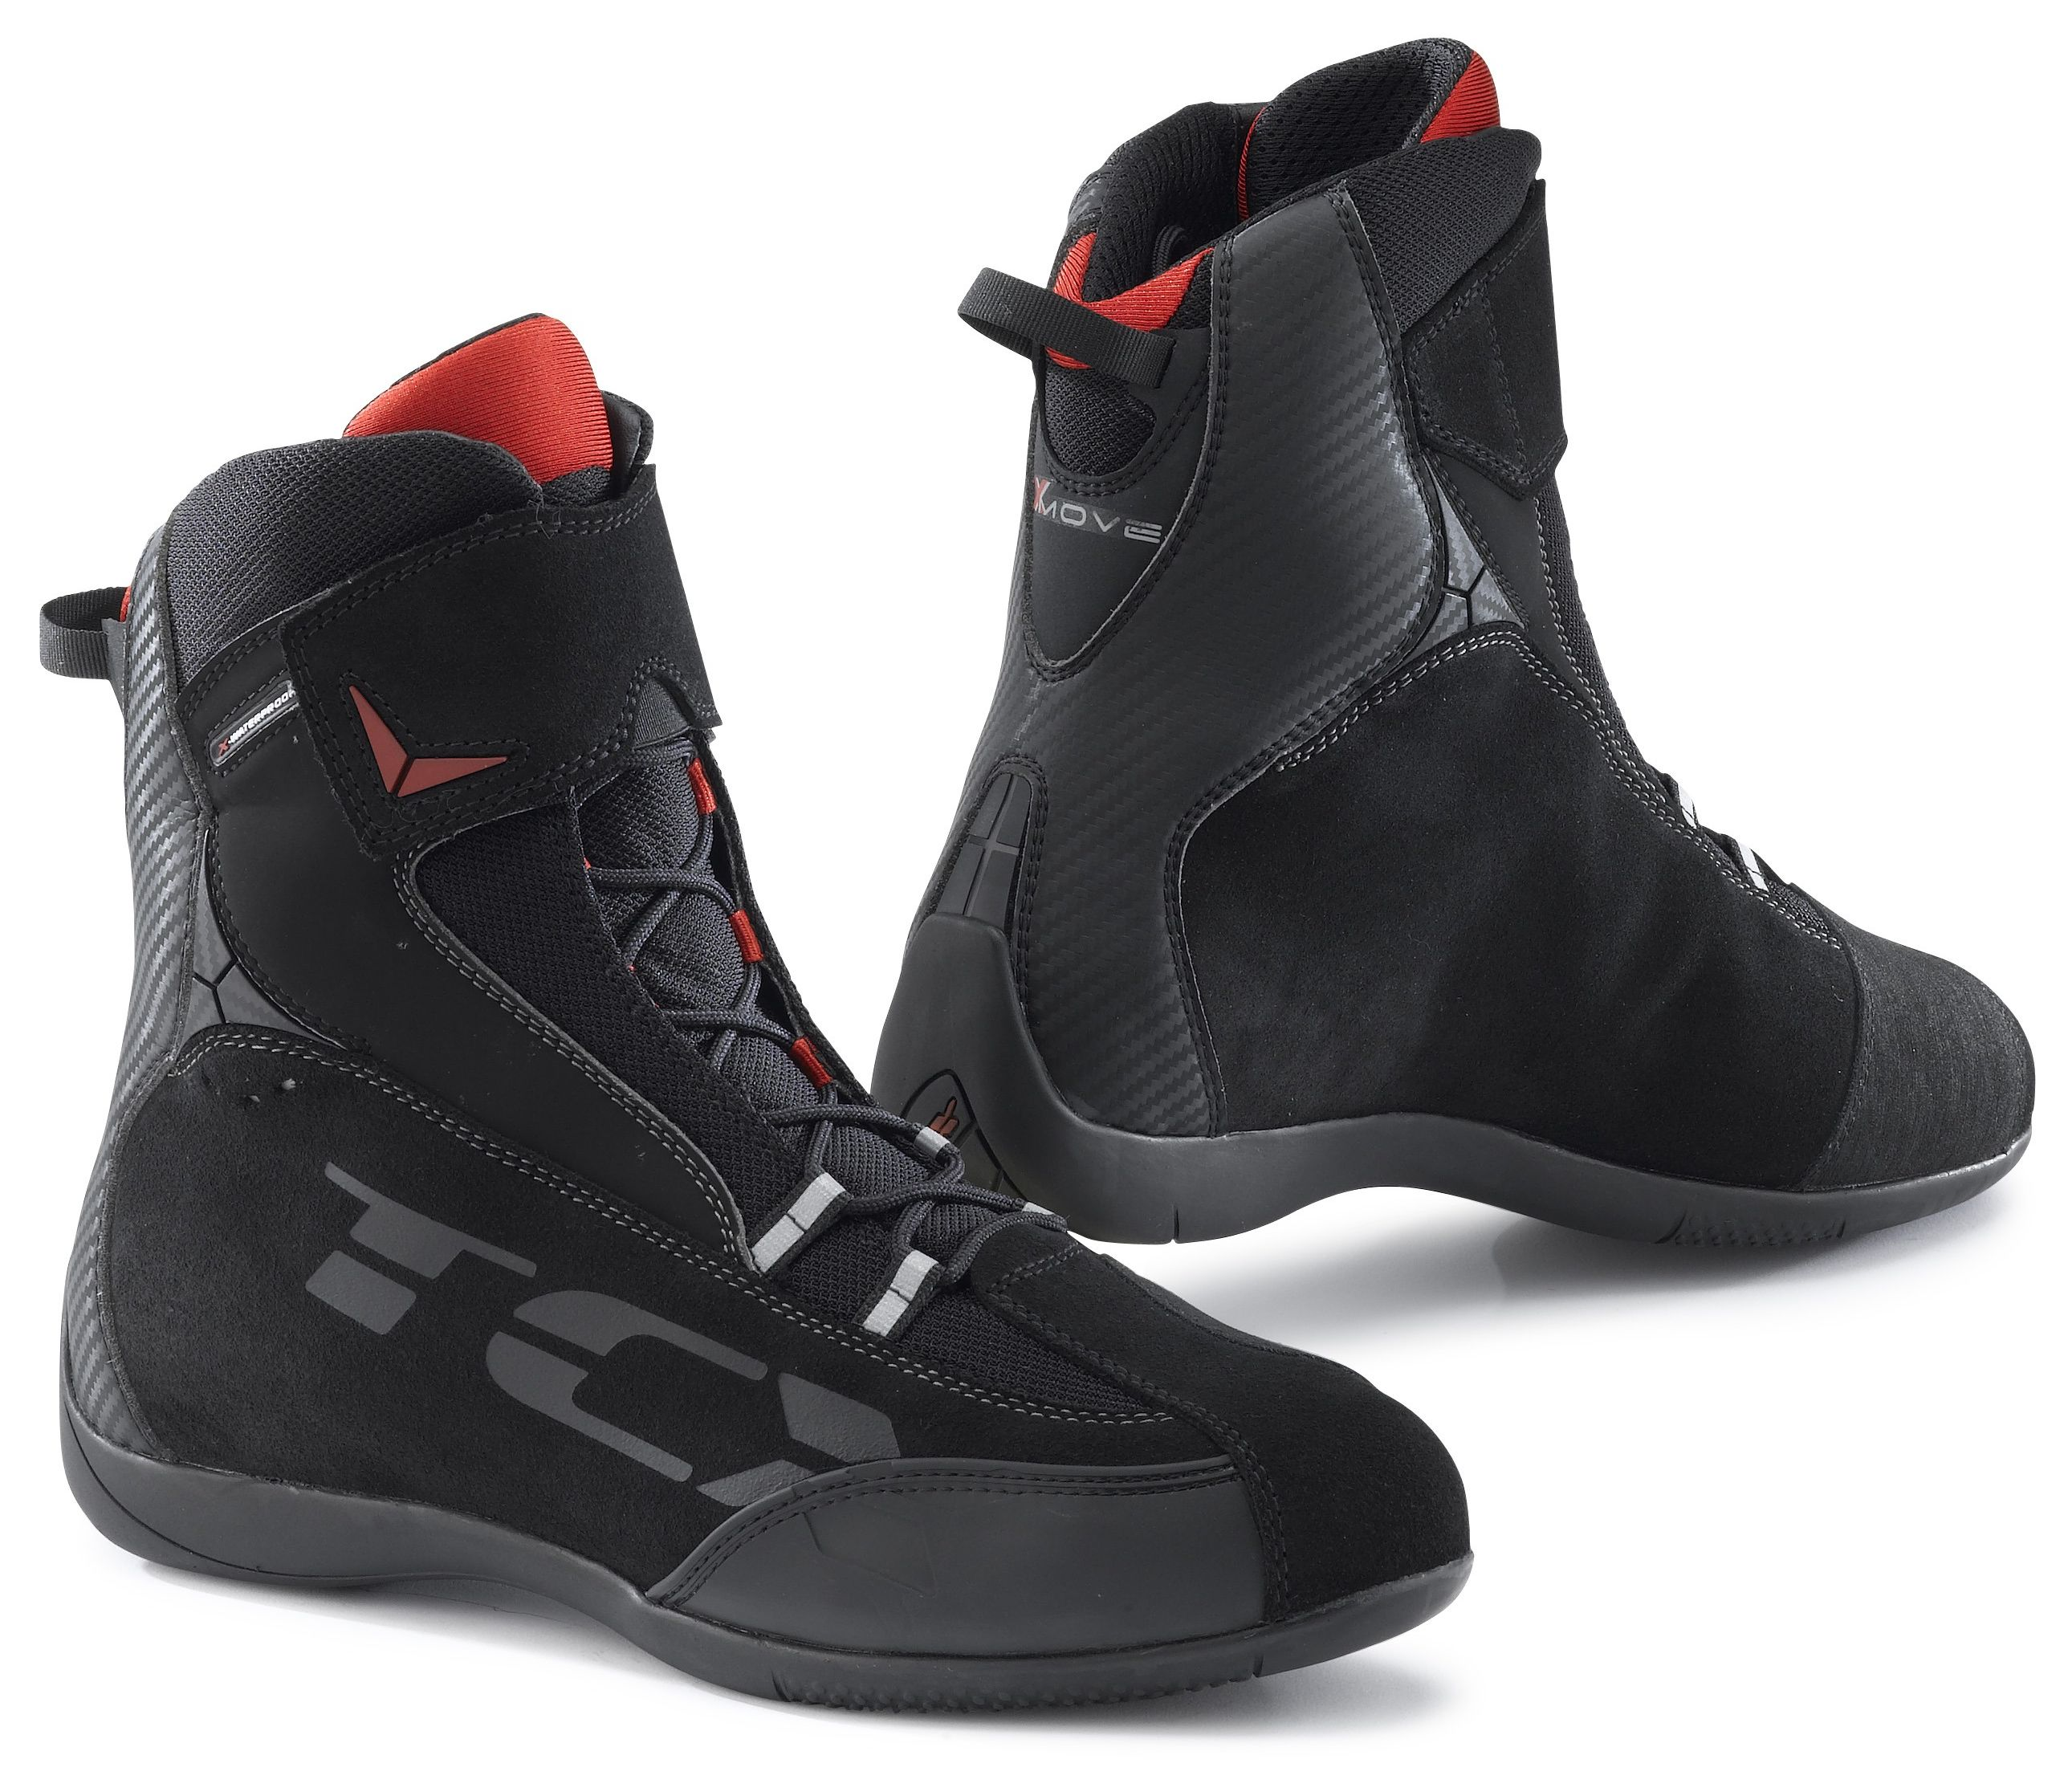 TCX X-Move WP Boots - RevZilla